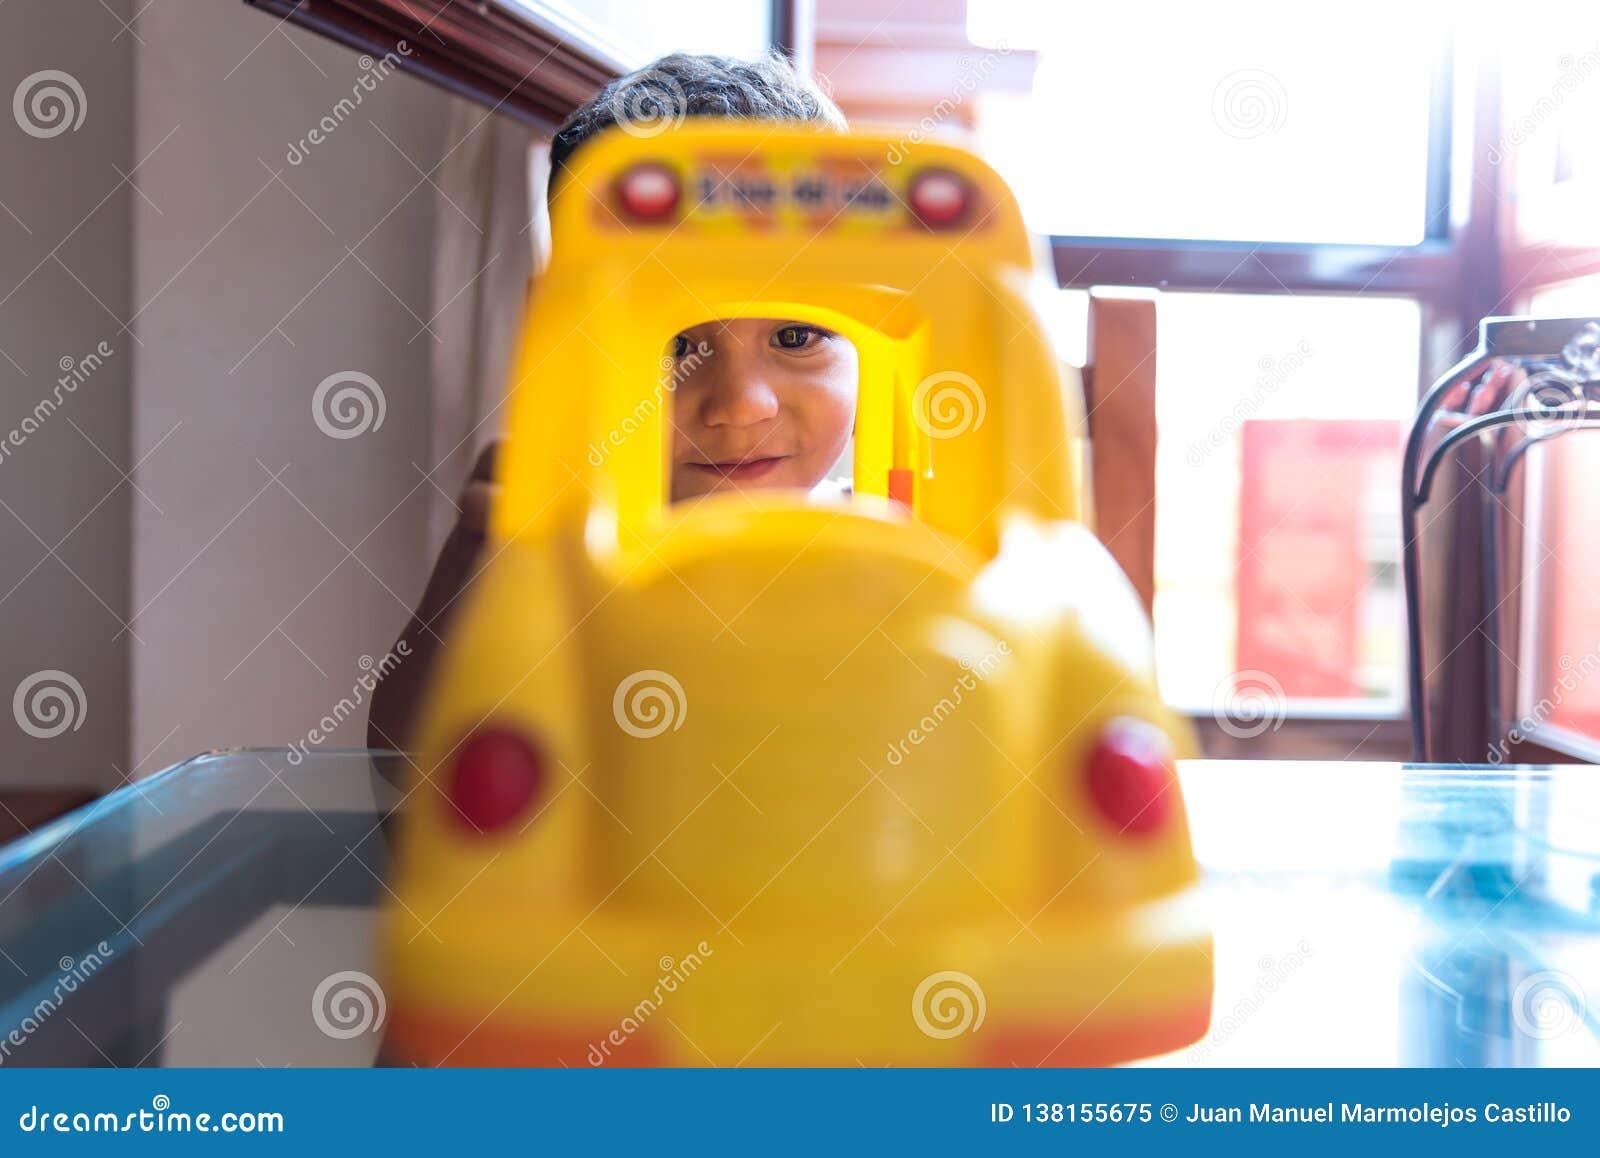 Мальчик ребенка играя с игрушкой школьного автобуса внутри помещения